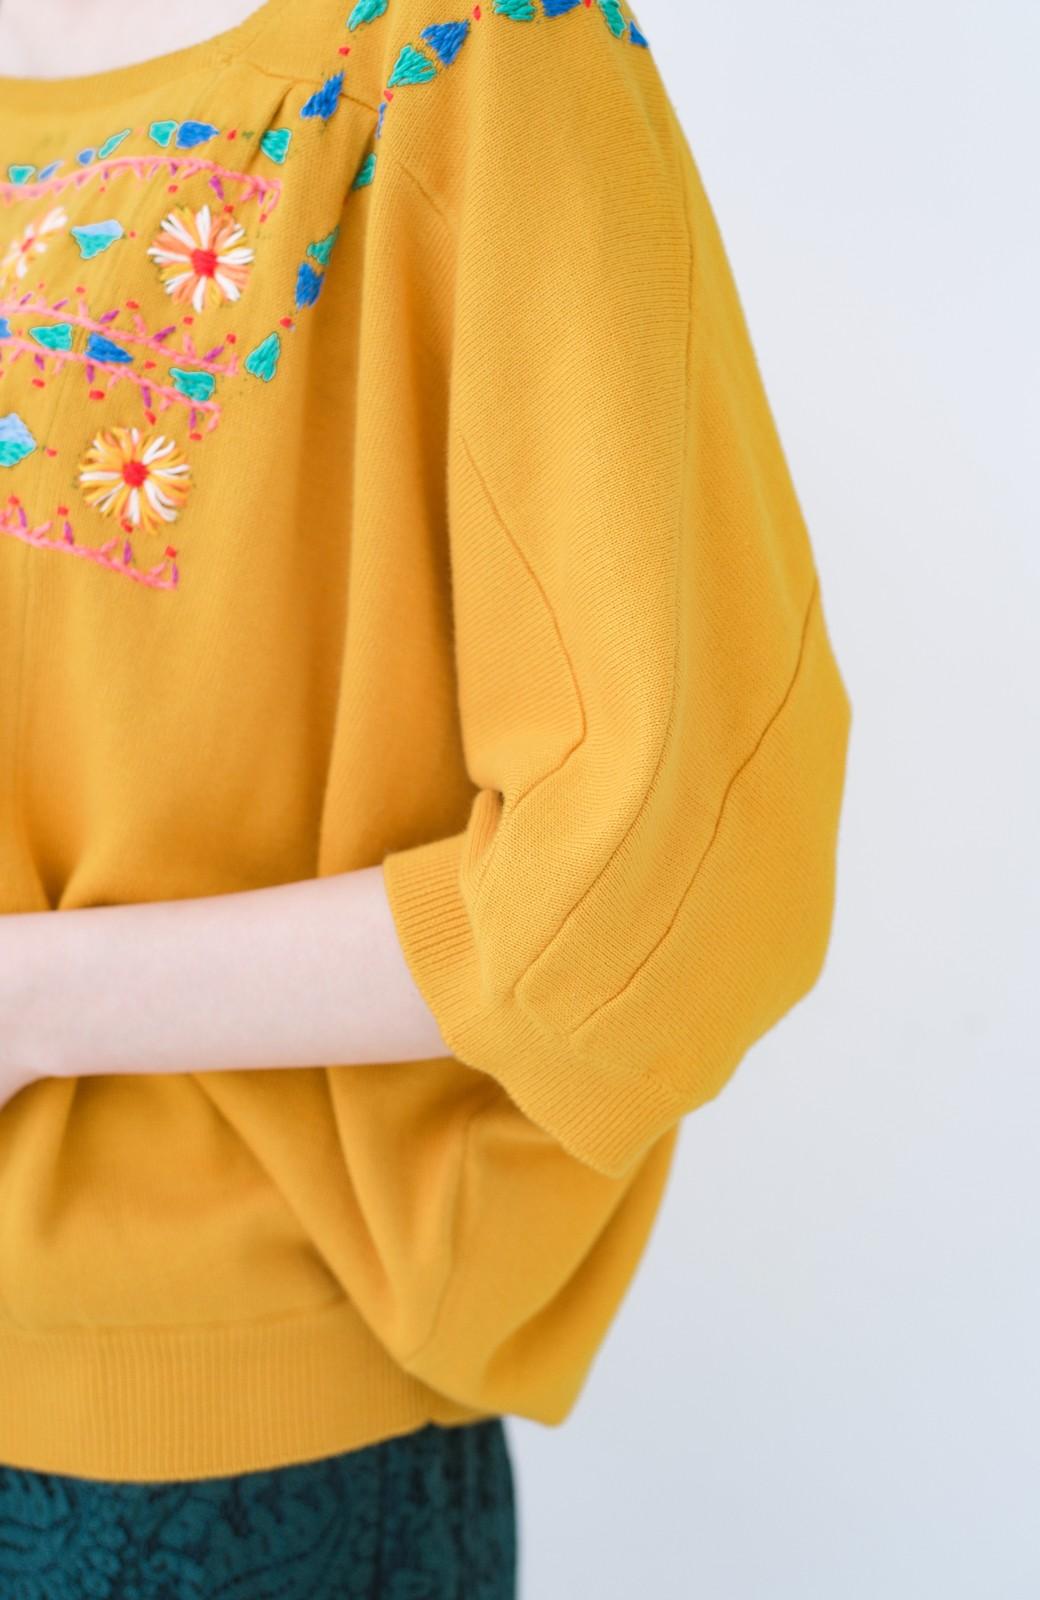 haco! Stitch by Stitch 首回りがきれいに見える色とりどりの刺繍のスクエアニット <イエロー>の商品写真5